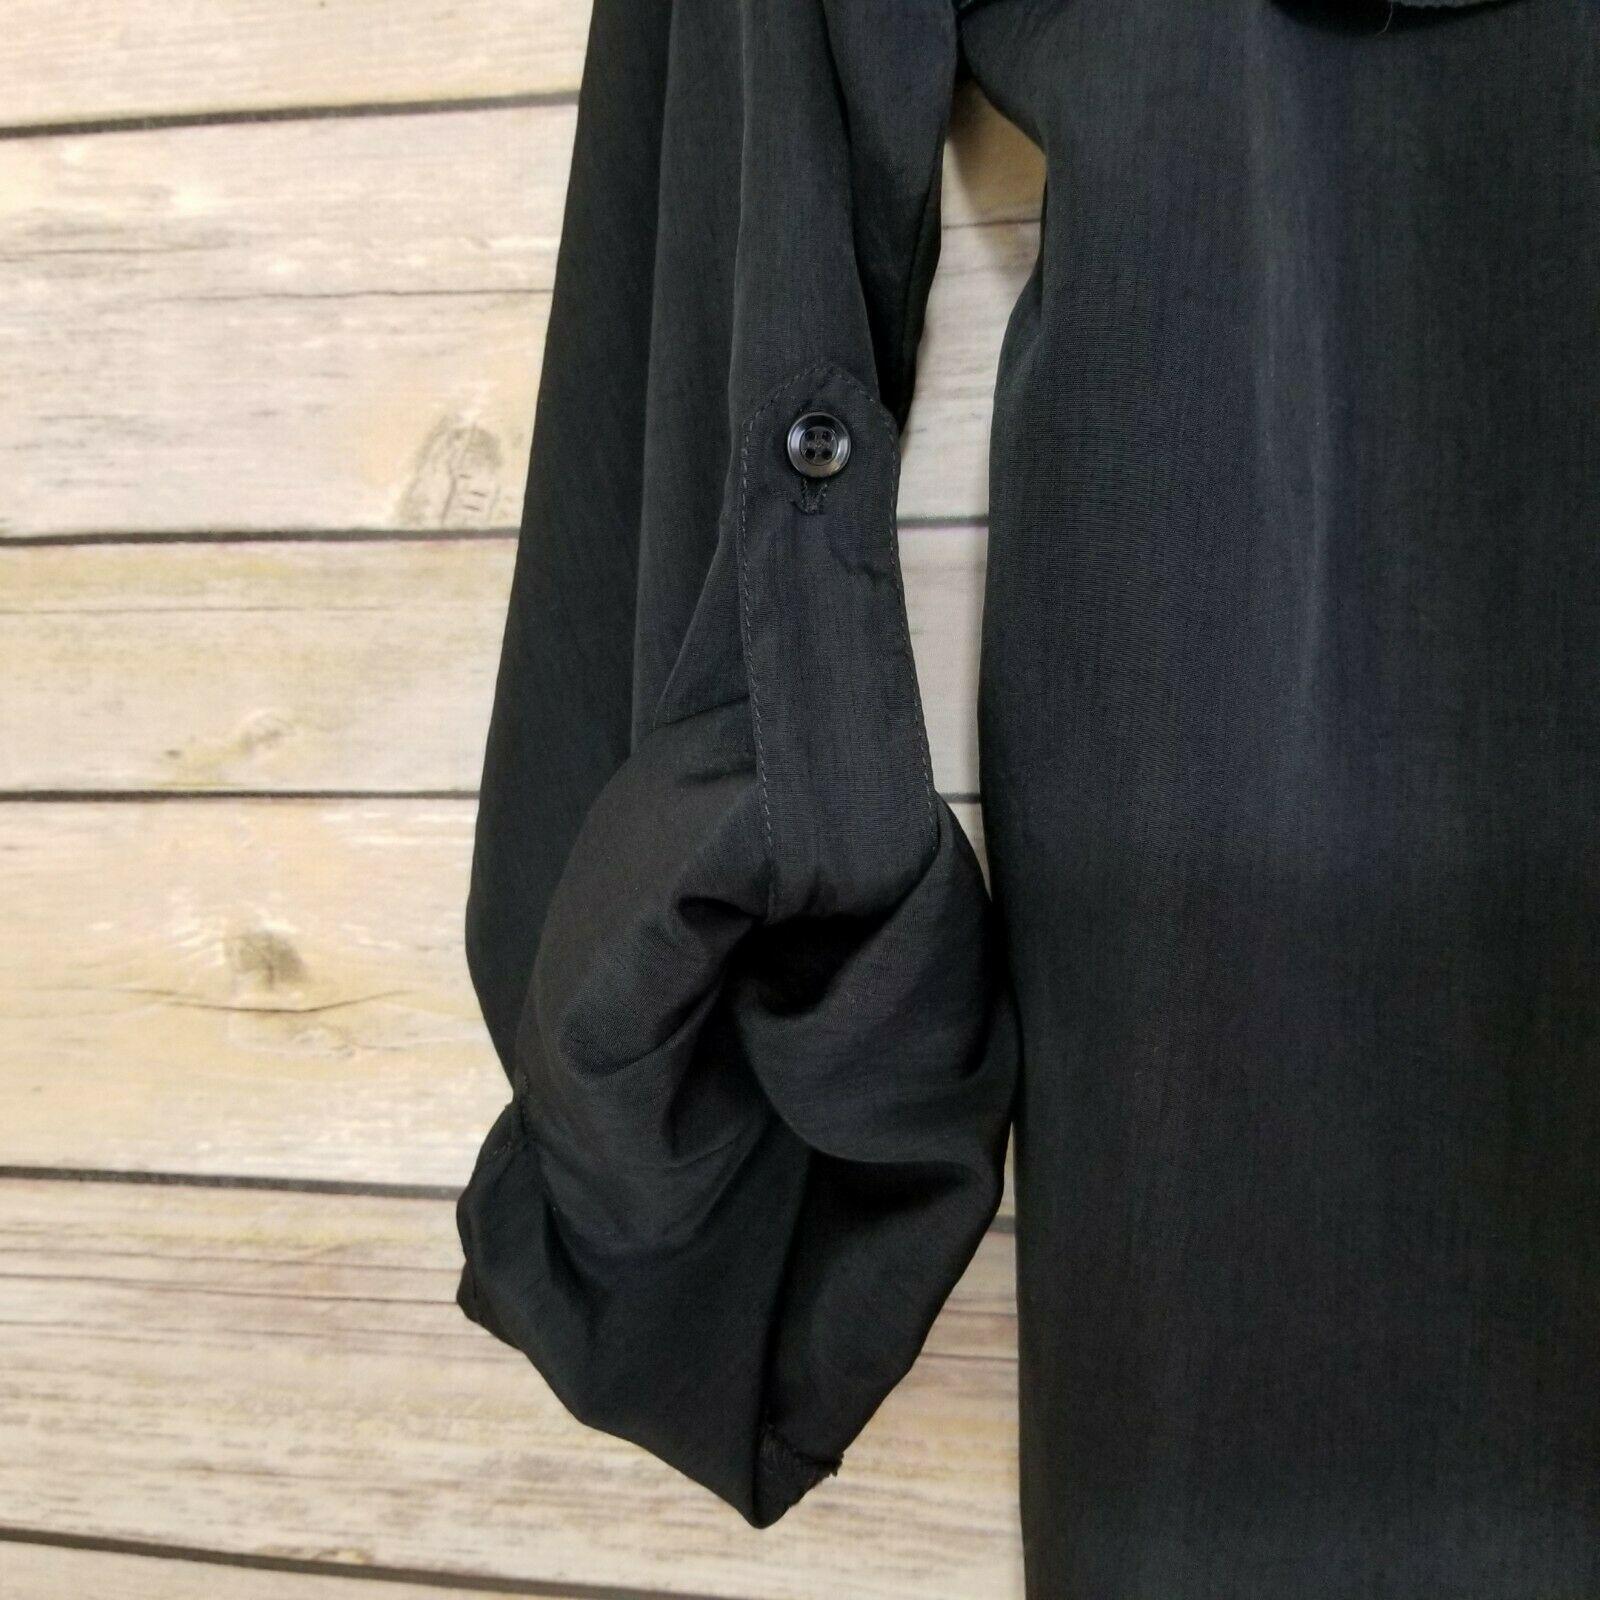 Vtg Diane von Furstenberg DVF Woman's Top Blouse Shirt Button Front Black Sz L image 3